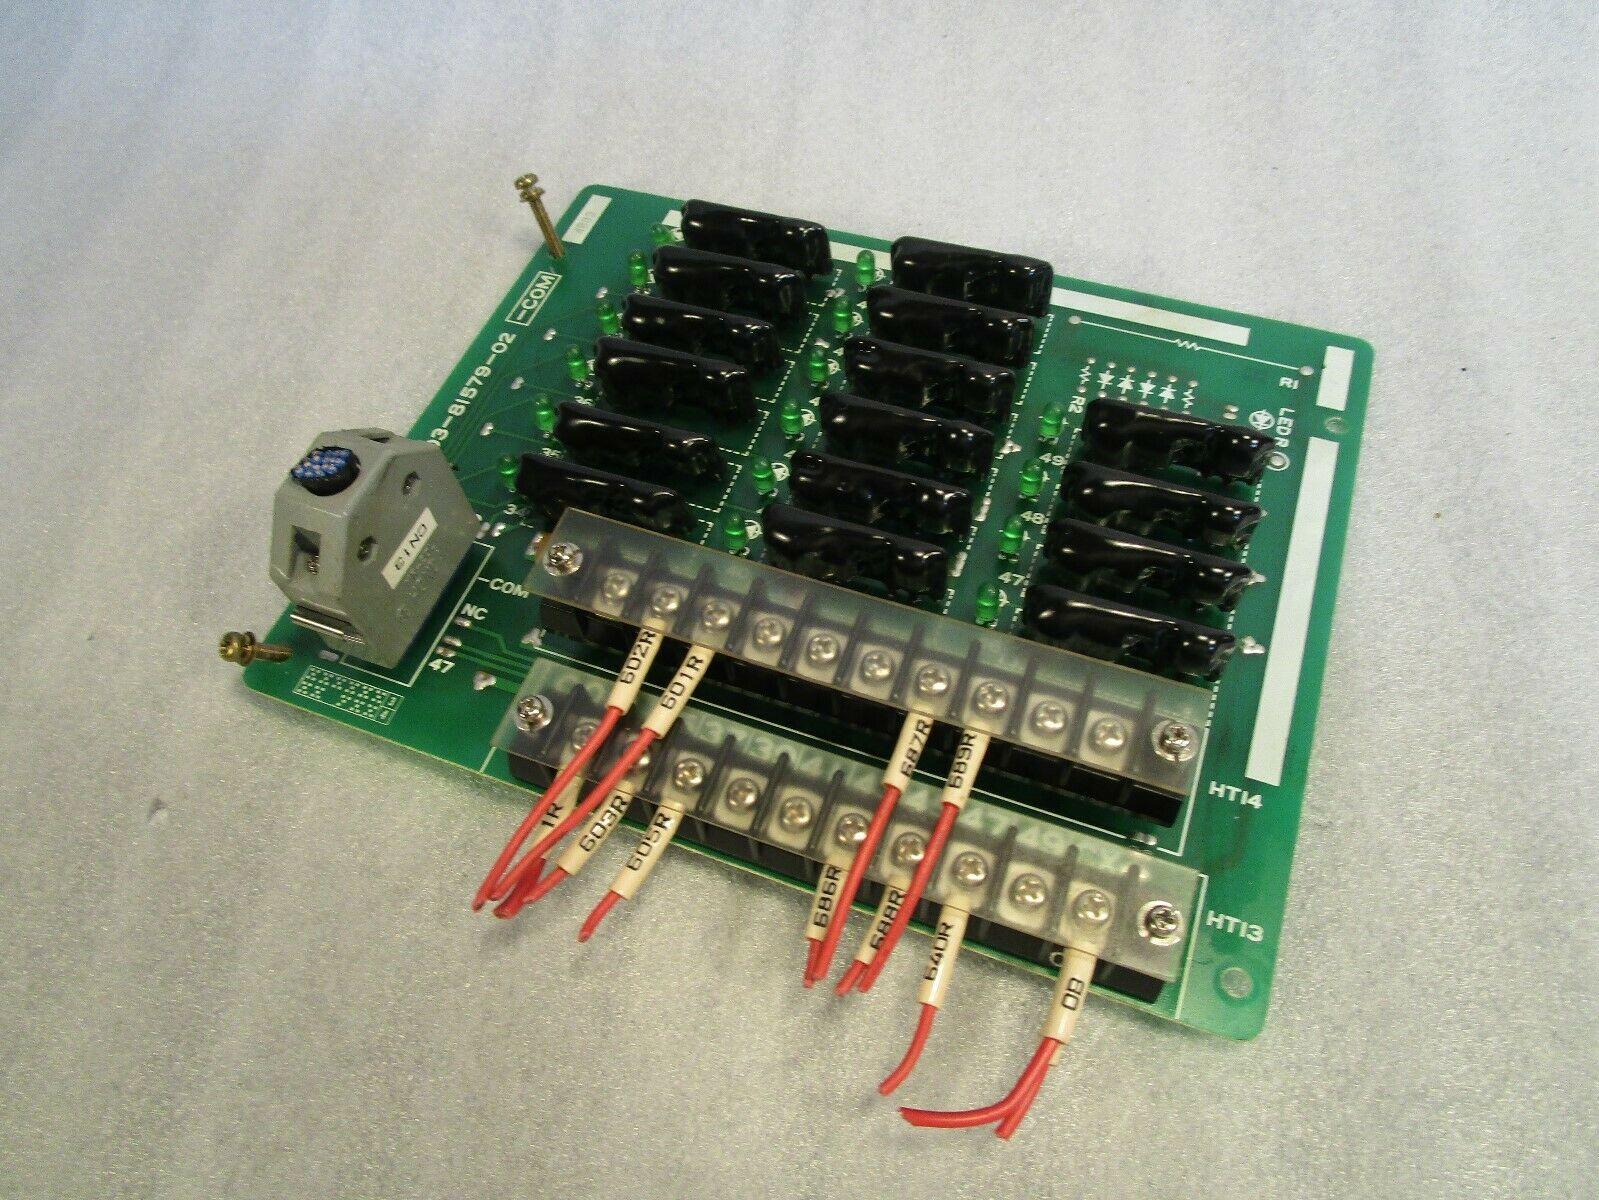 Mazak Mitsubishi 03-81579-01 4B03 Com Board Mazak T-32 CNC Control Board